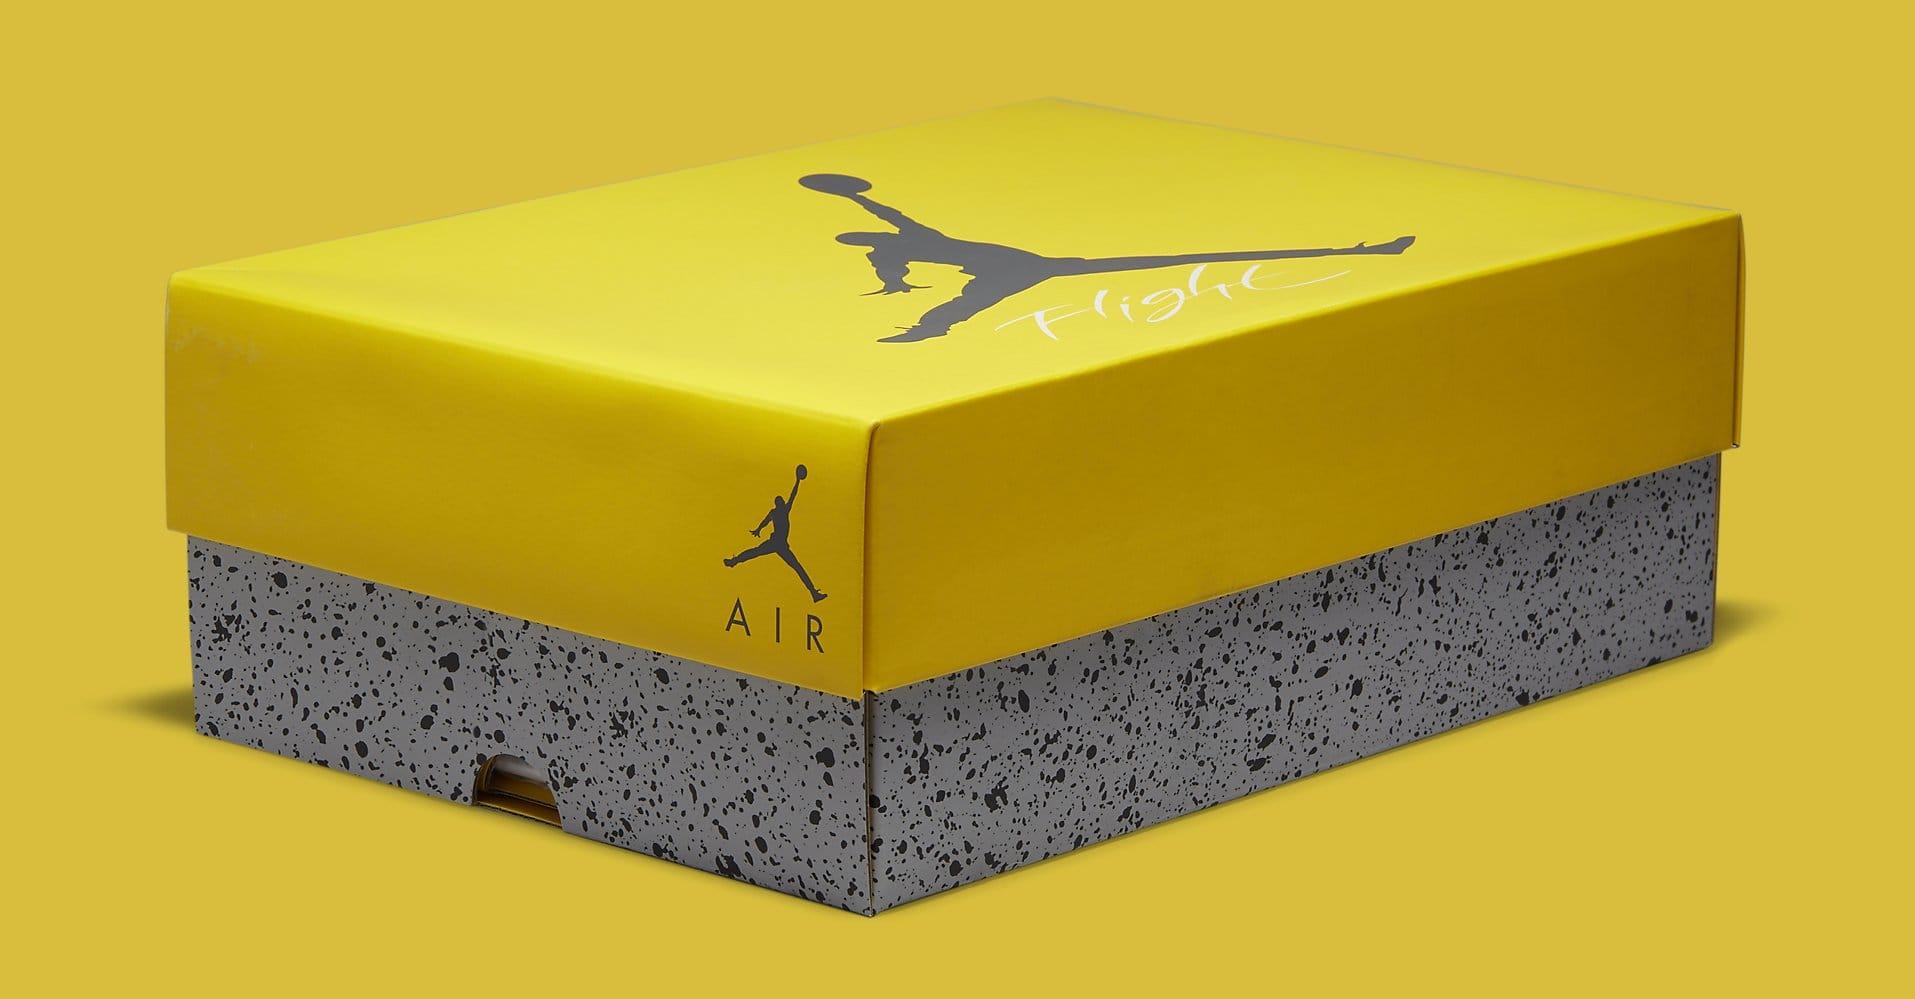 Air Jordan 4 Retro 'Lightning' CT8527-700 Box